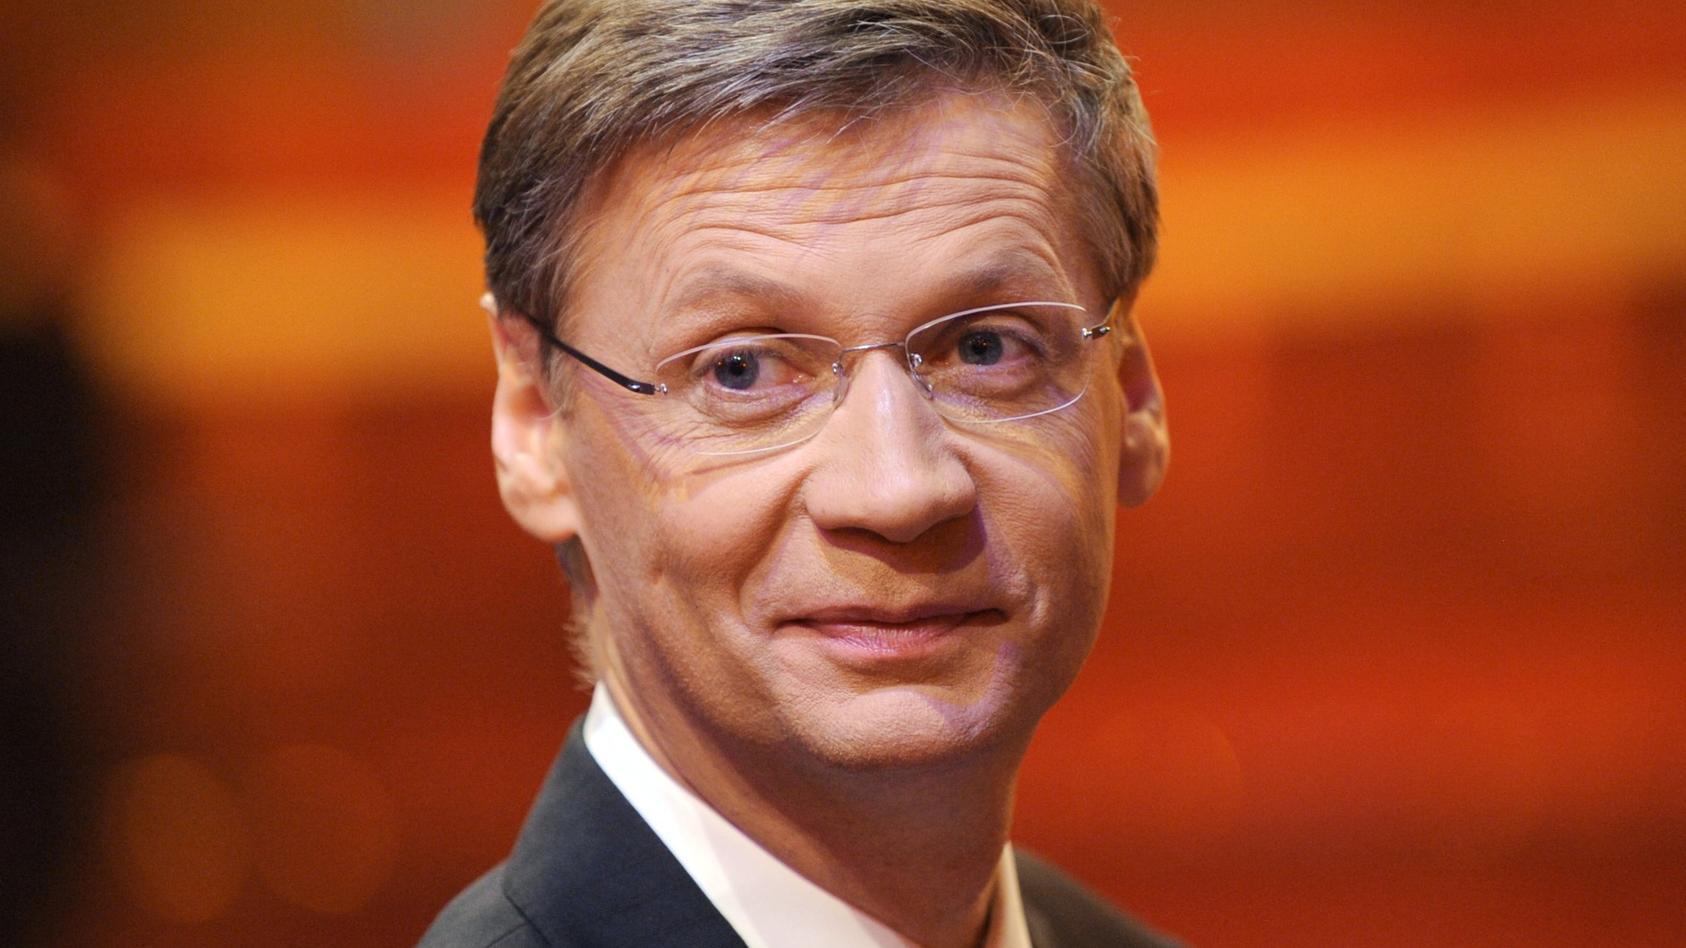 Eigentlich wollte Günther Jauch gar keine Quiz-Show machen